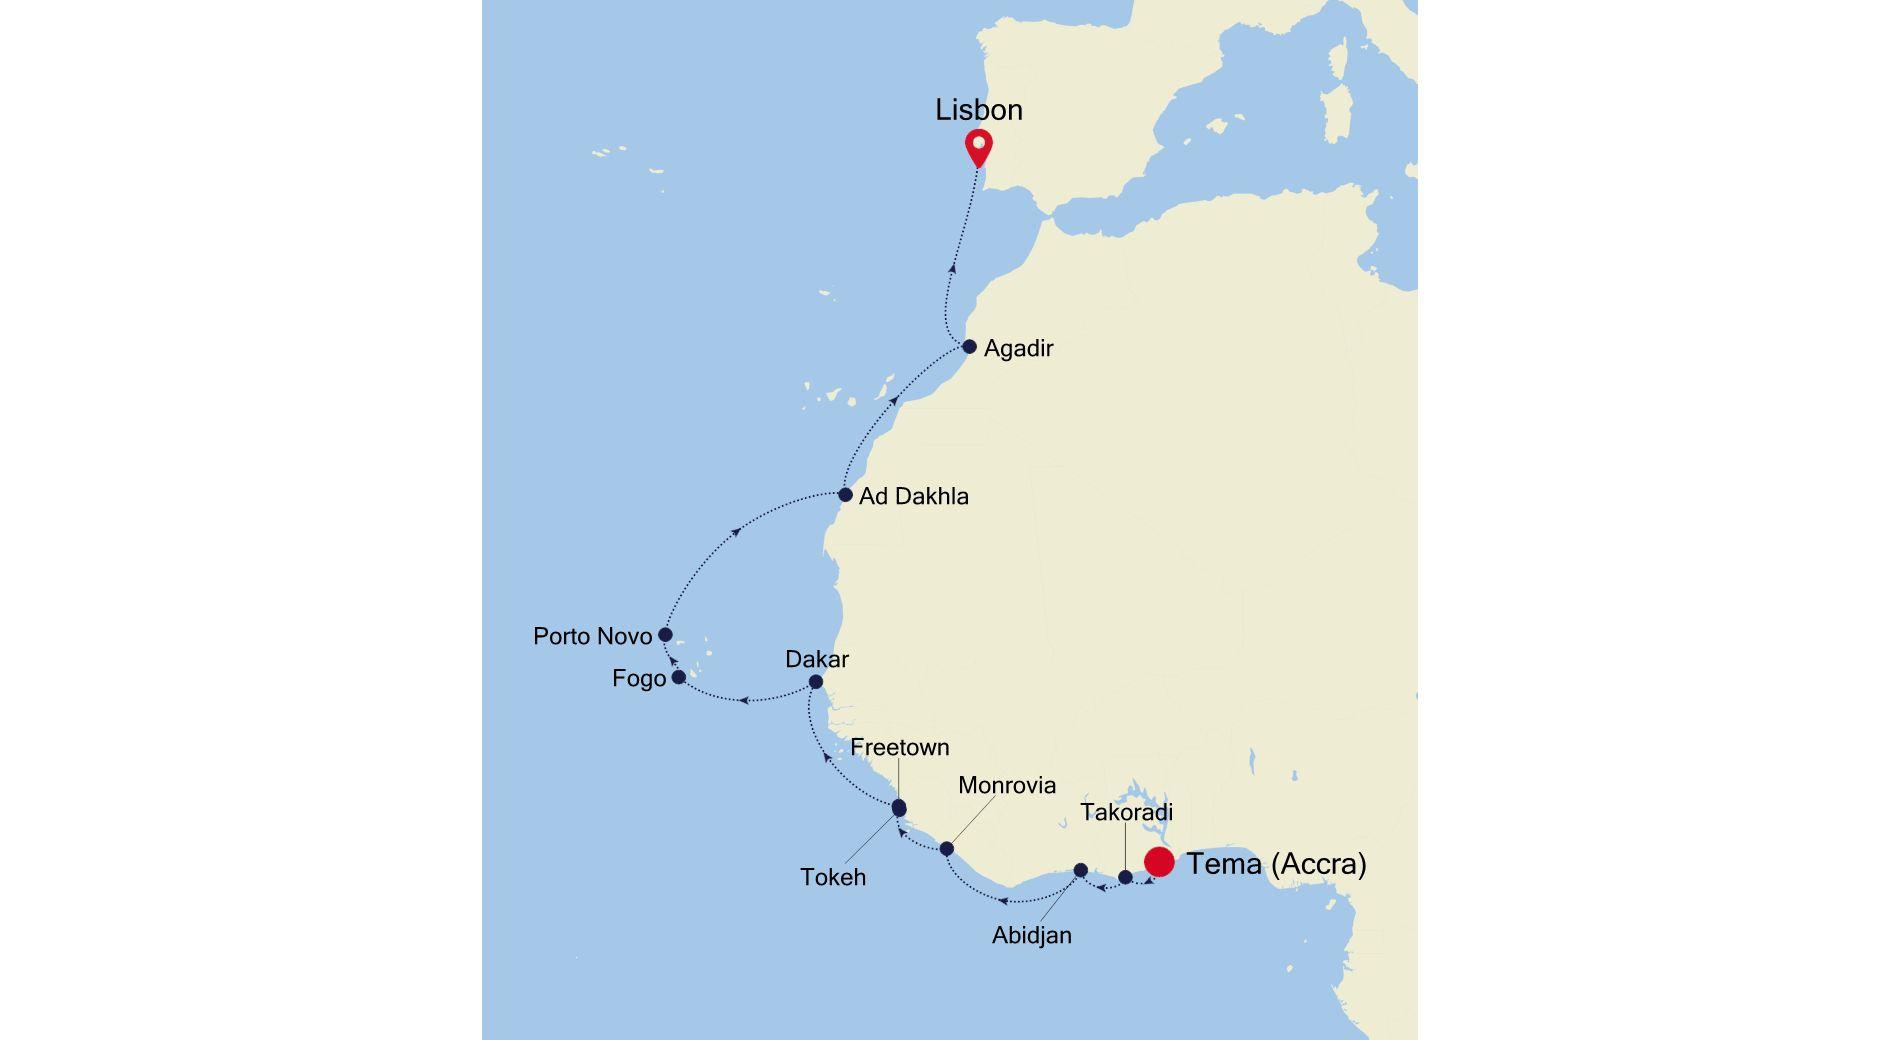 E4210417018 - Accra nach Lisbon